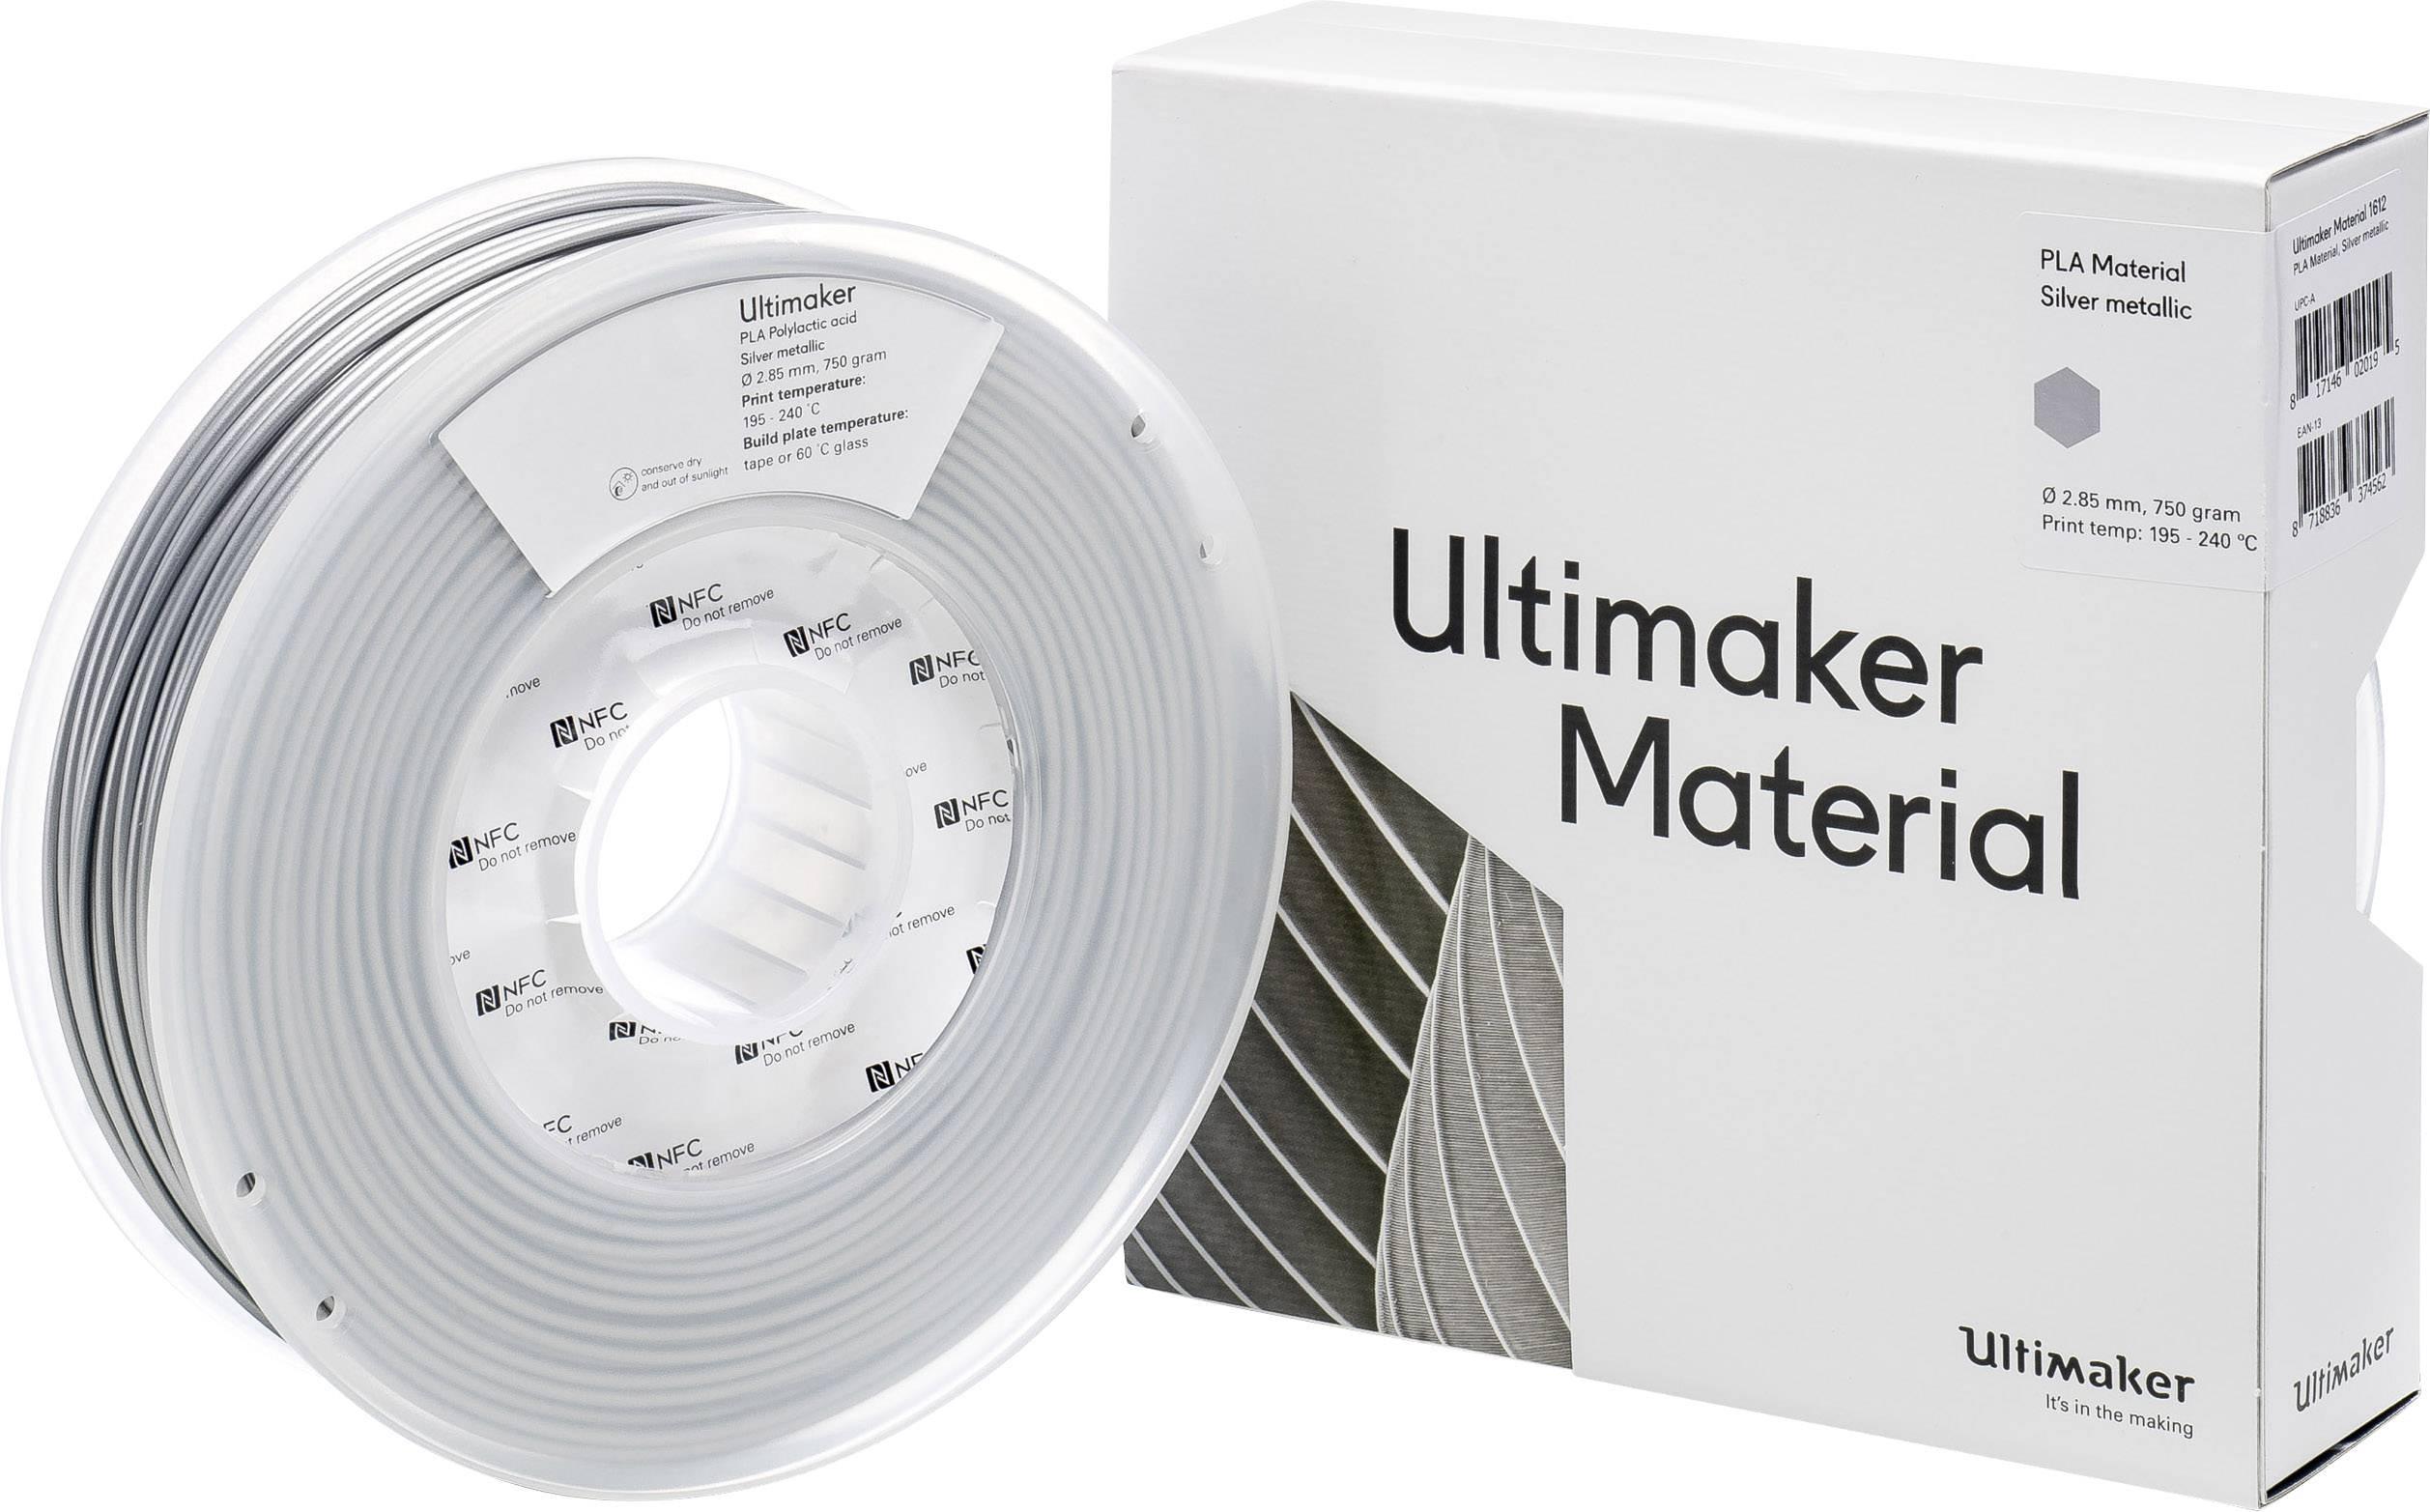 Vlákno pro 3D tiskárny Ultimaker PLA - M0751 Silver Metallic 750 - 211399, PLA plast, 2.85 mm, 750 g, stříbrná (metalíza)